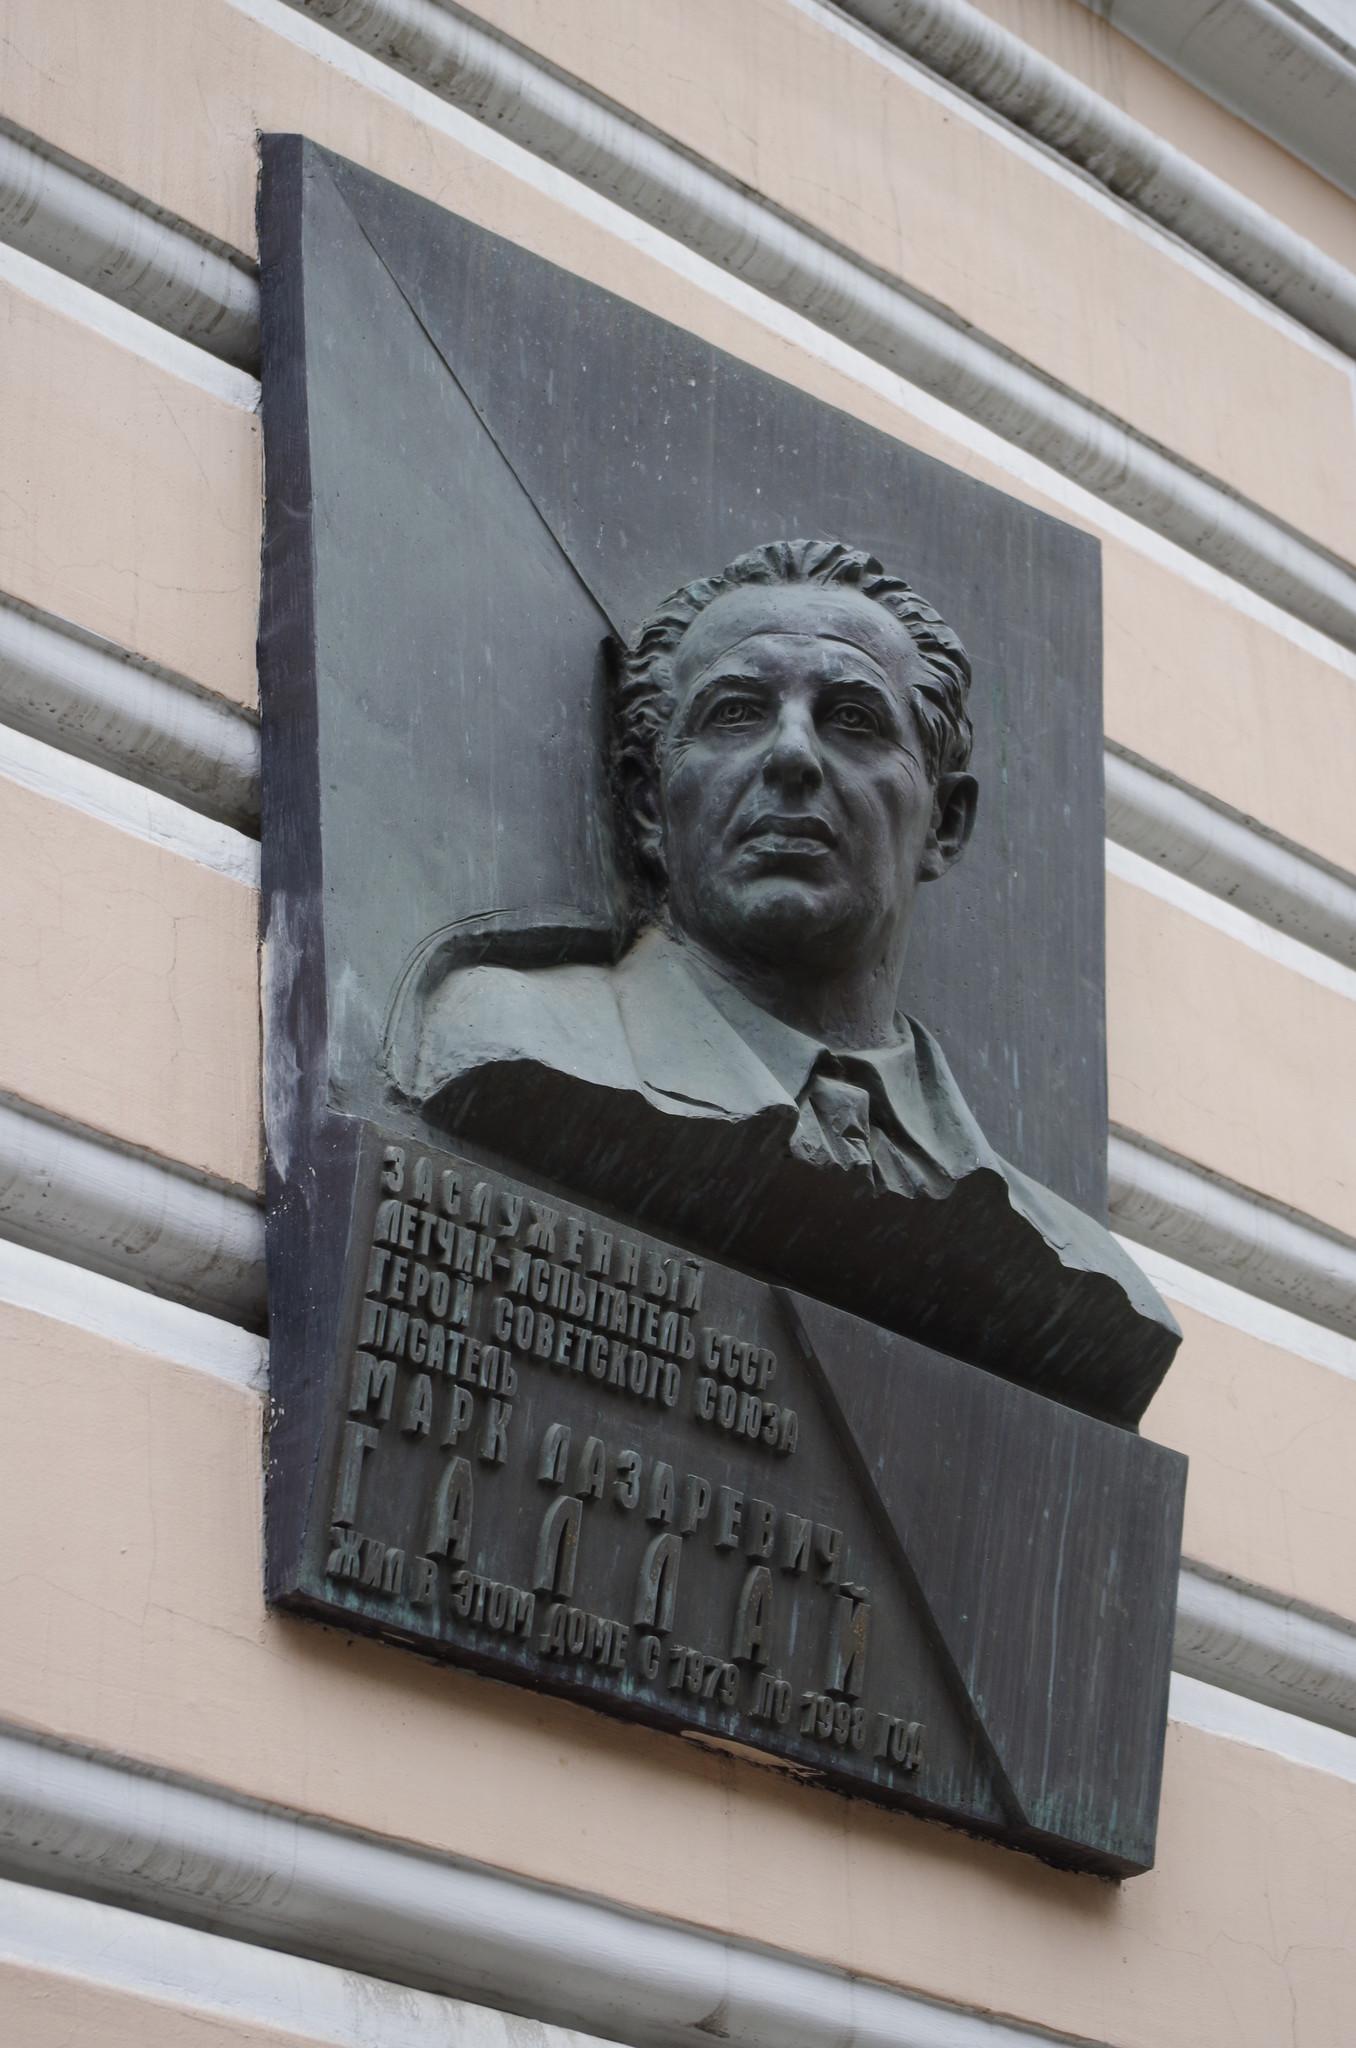 Мемориальная доска в Москве на доме, в котором жил Герой Советского Союза Марк Лазаревич Галлай (улица Спиридоновка, дом 9/2)